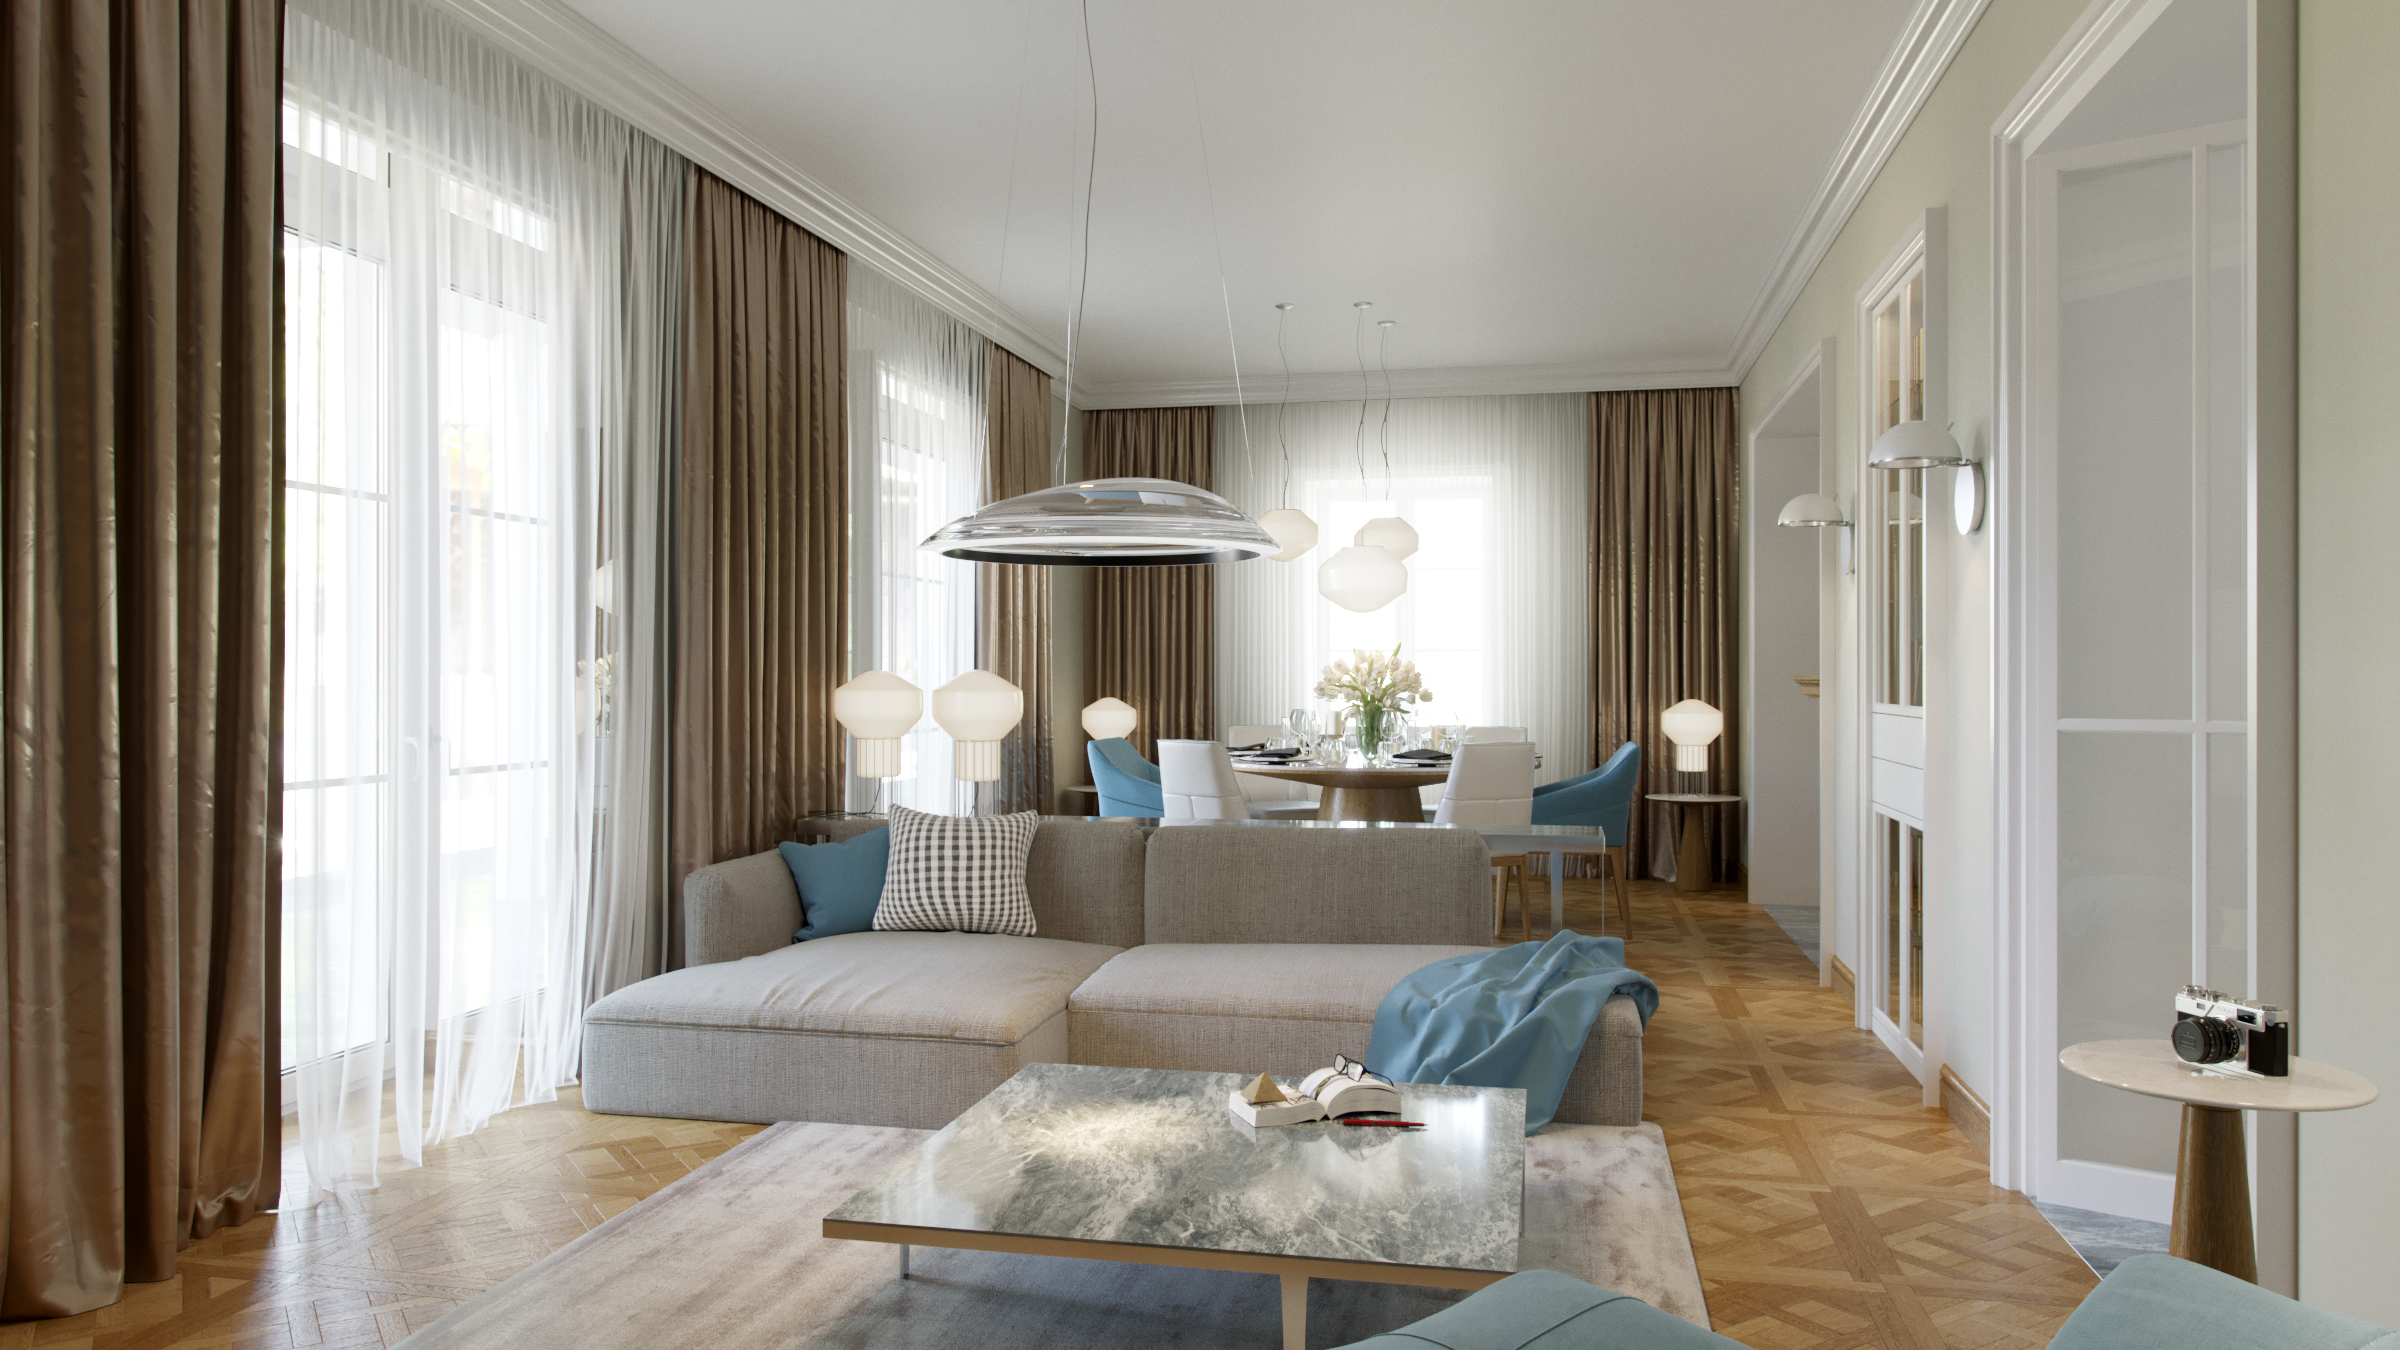 Stilvolle 5-Zimmer Wohnung in Garmisch-Partenkirchen